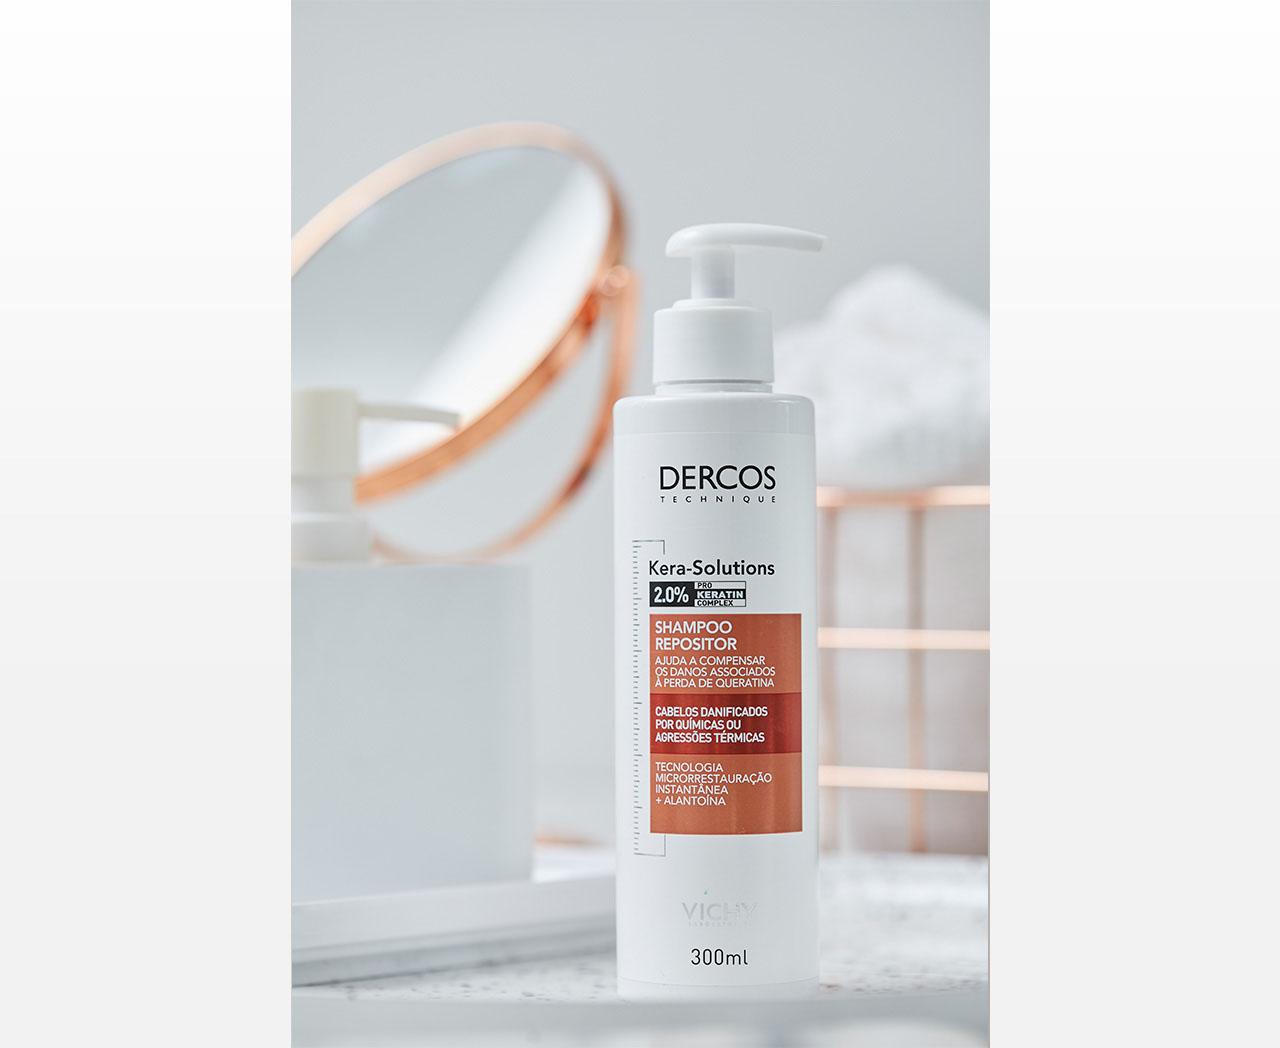 Dercos-Kera-Solutions-Shampoo